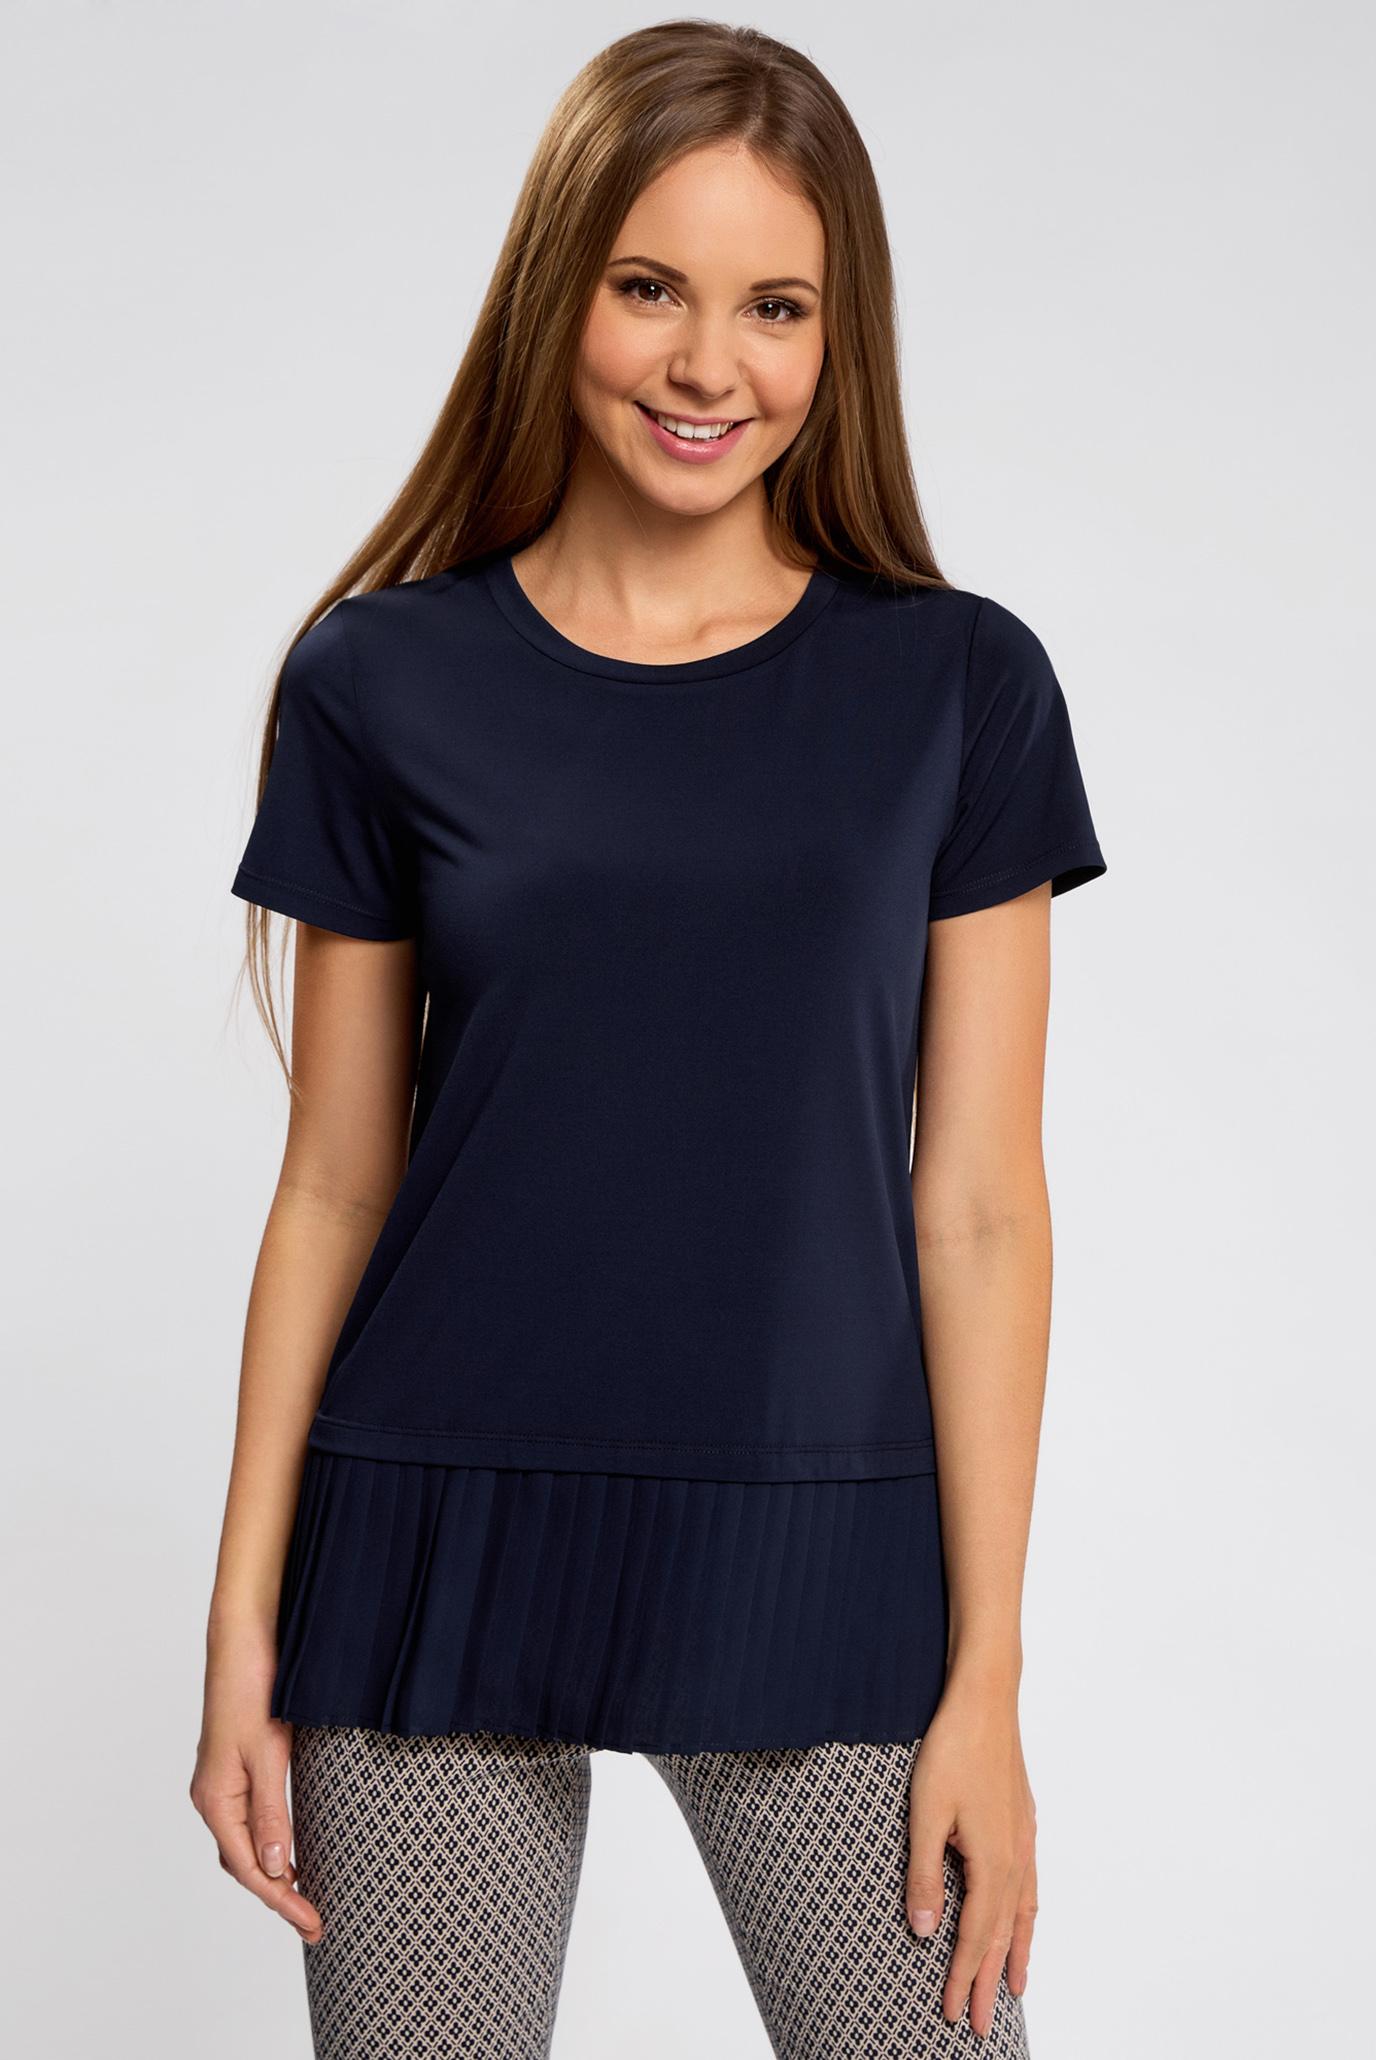 Купить Женская темно-синяя блуза Oodji Oodji 14700006/46384/7900N – Киев, Украина. Цены в интернет магазине MD Fashion